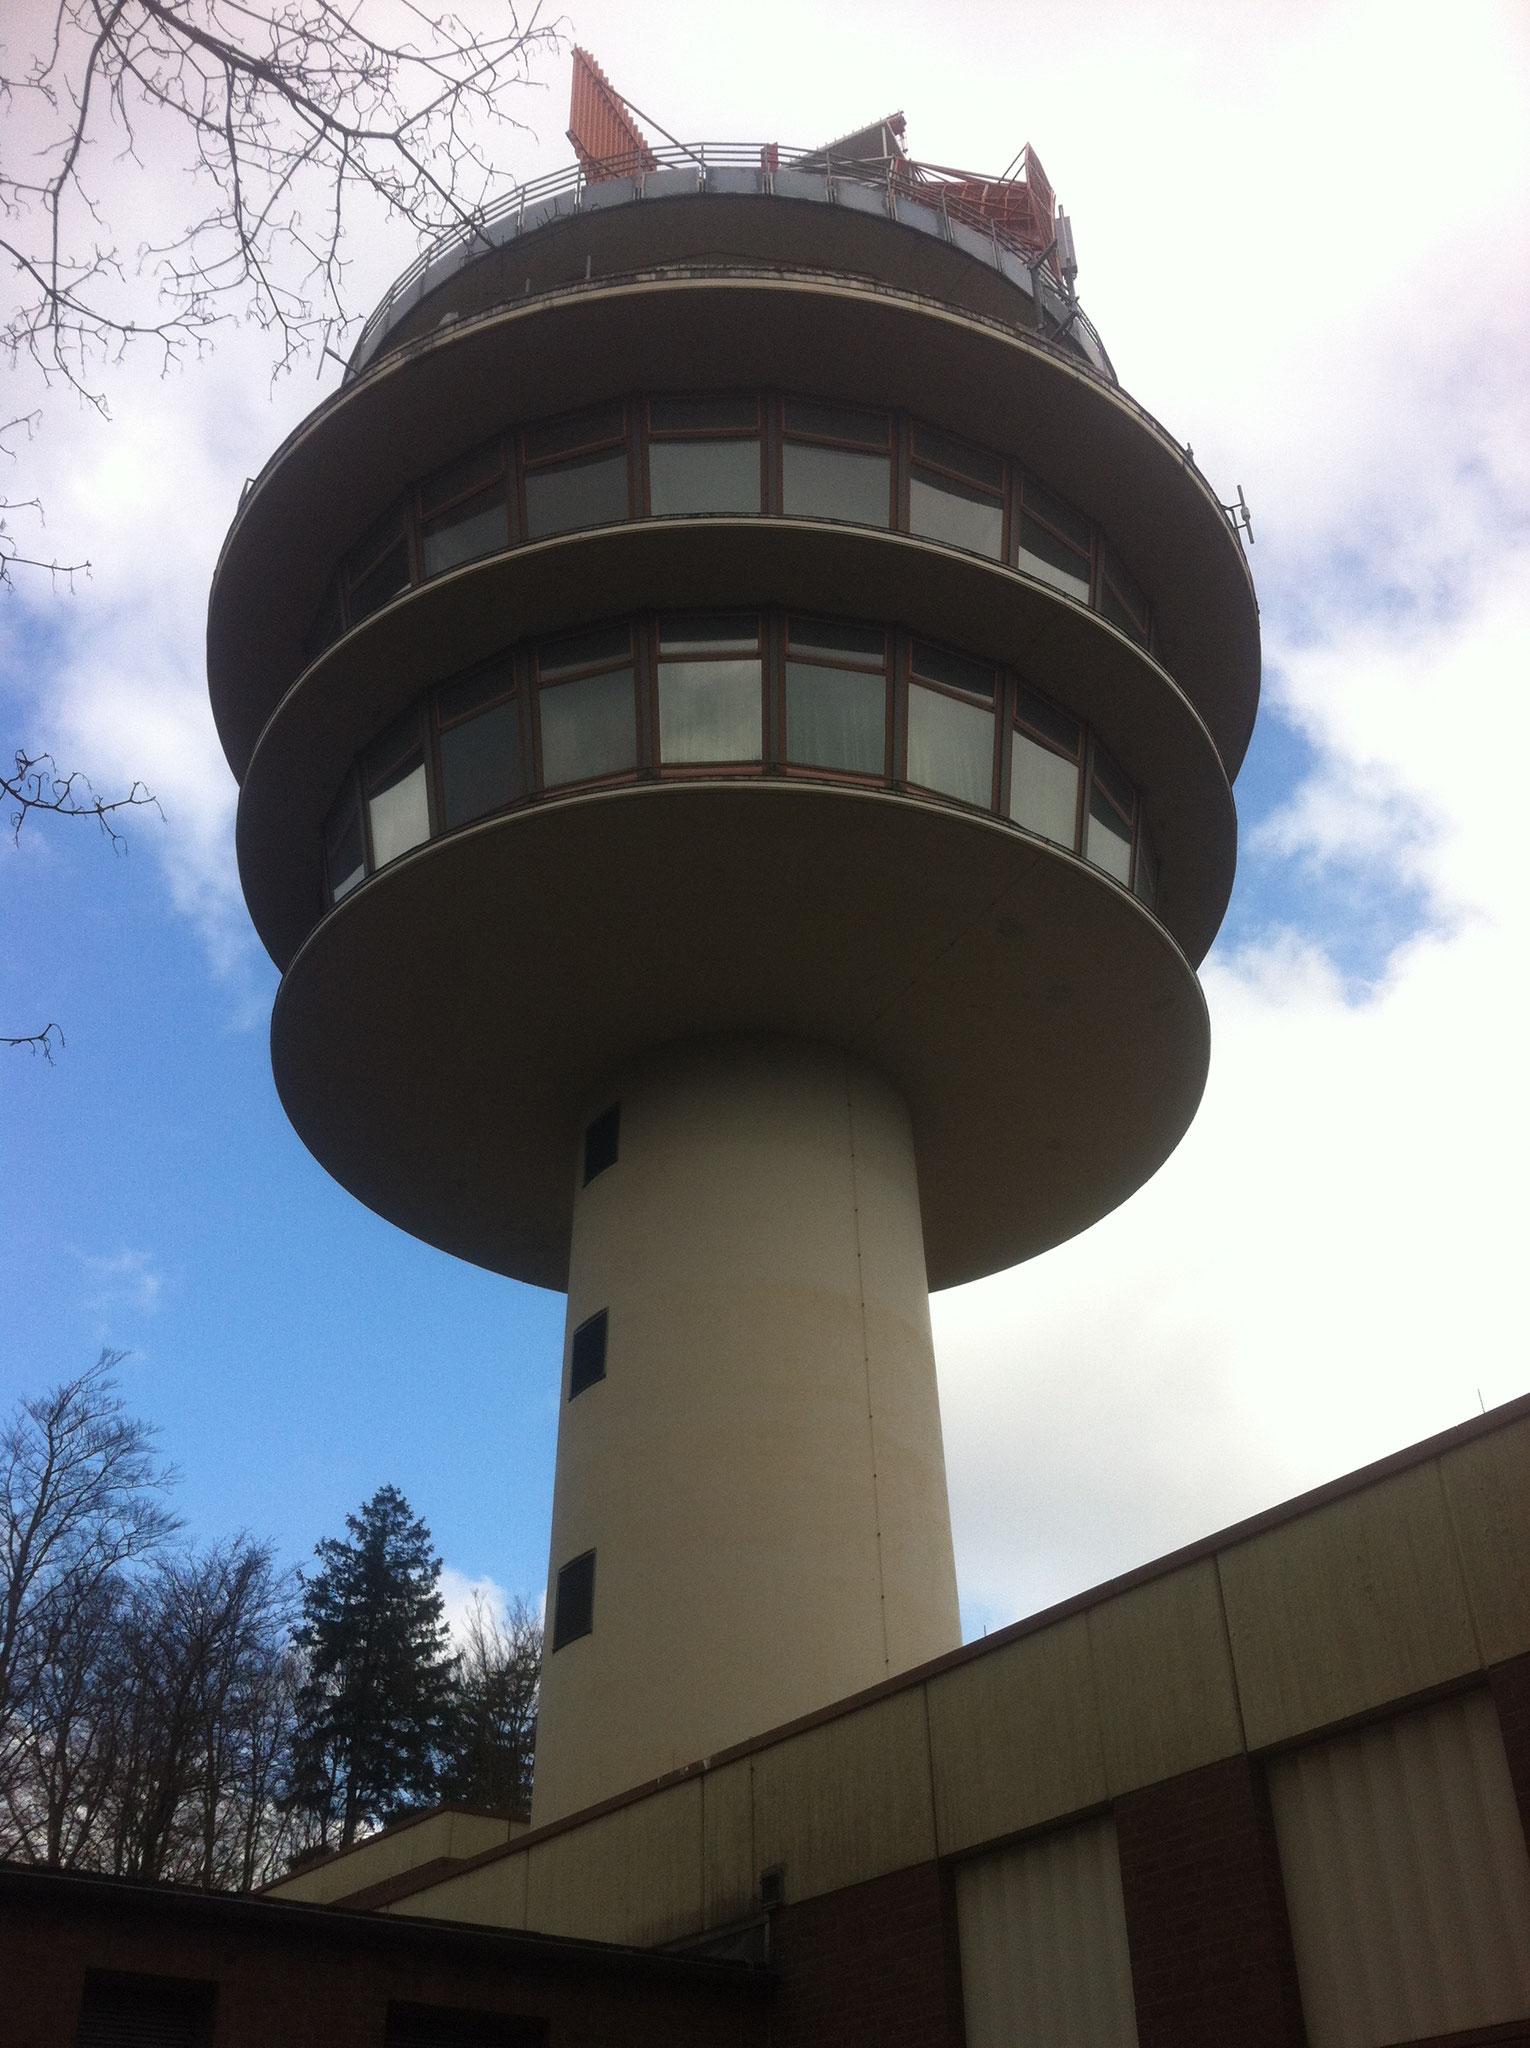 Radaranlage der Deutschen Flugsicherung